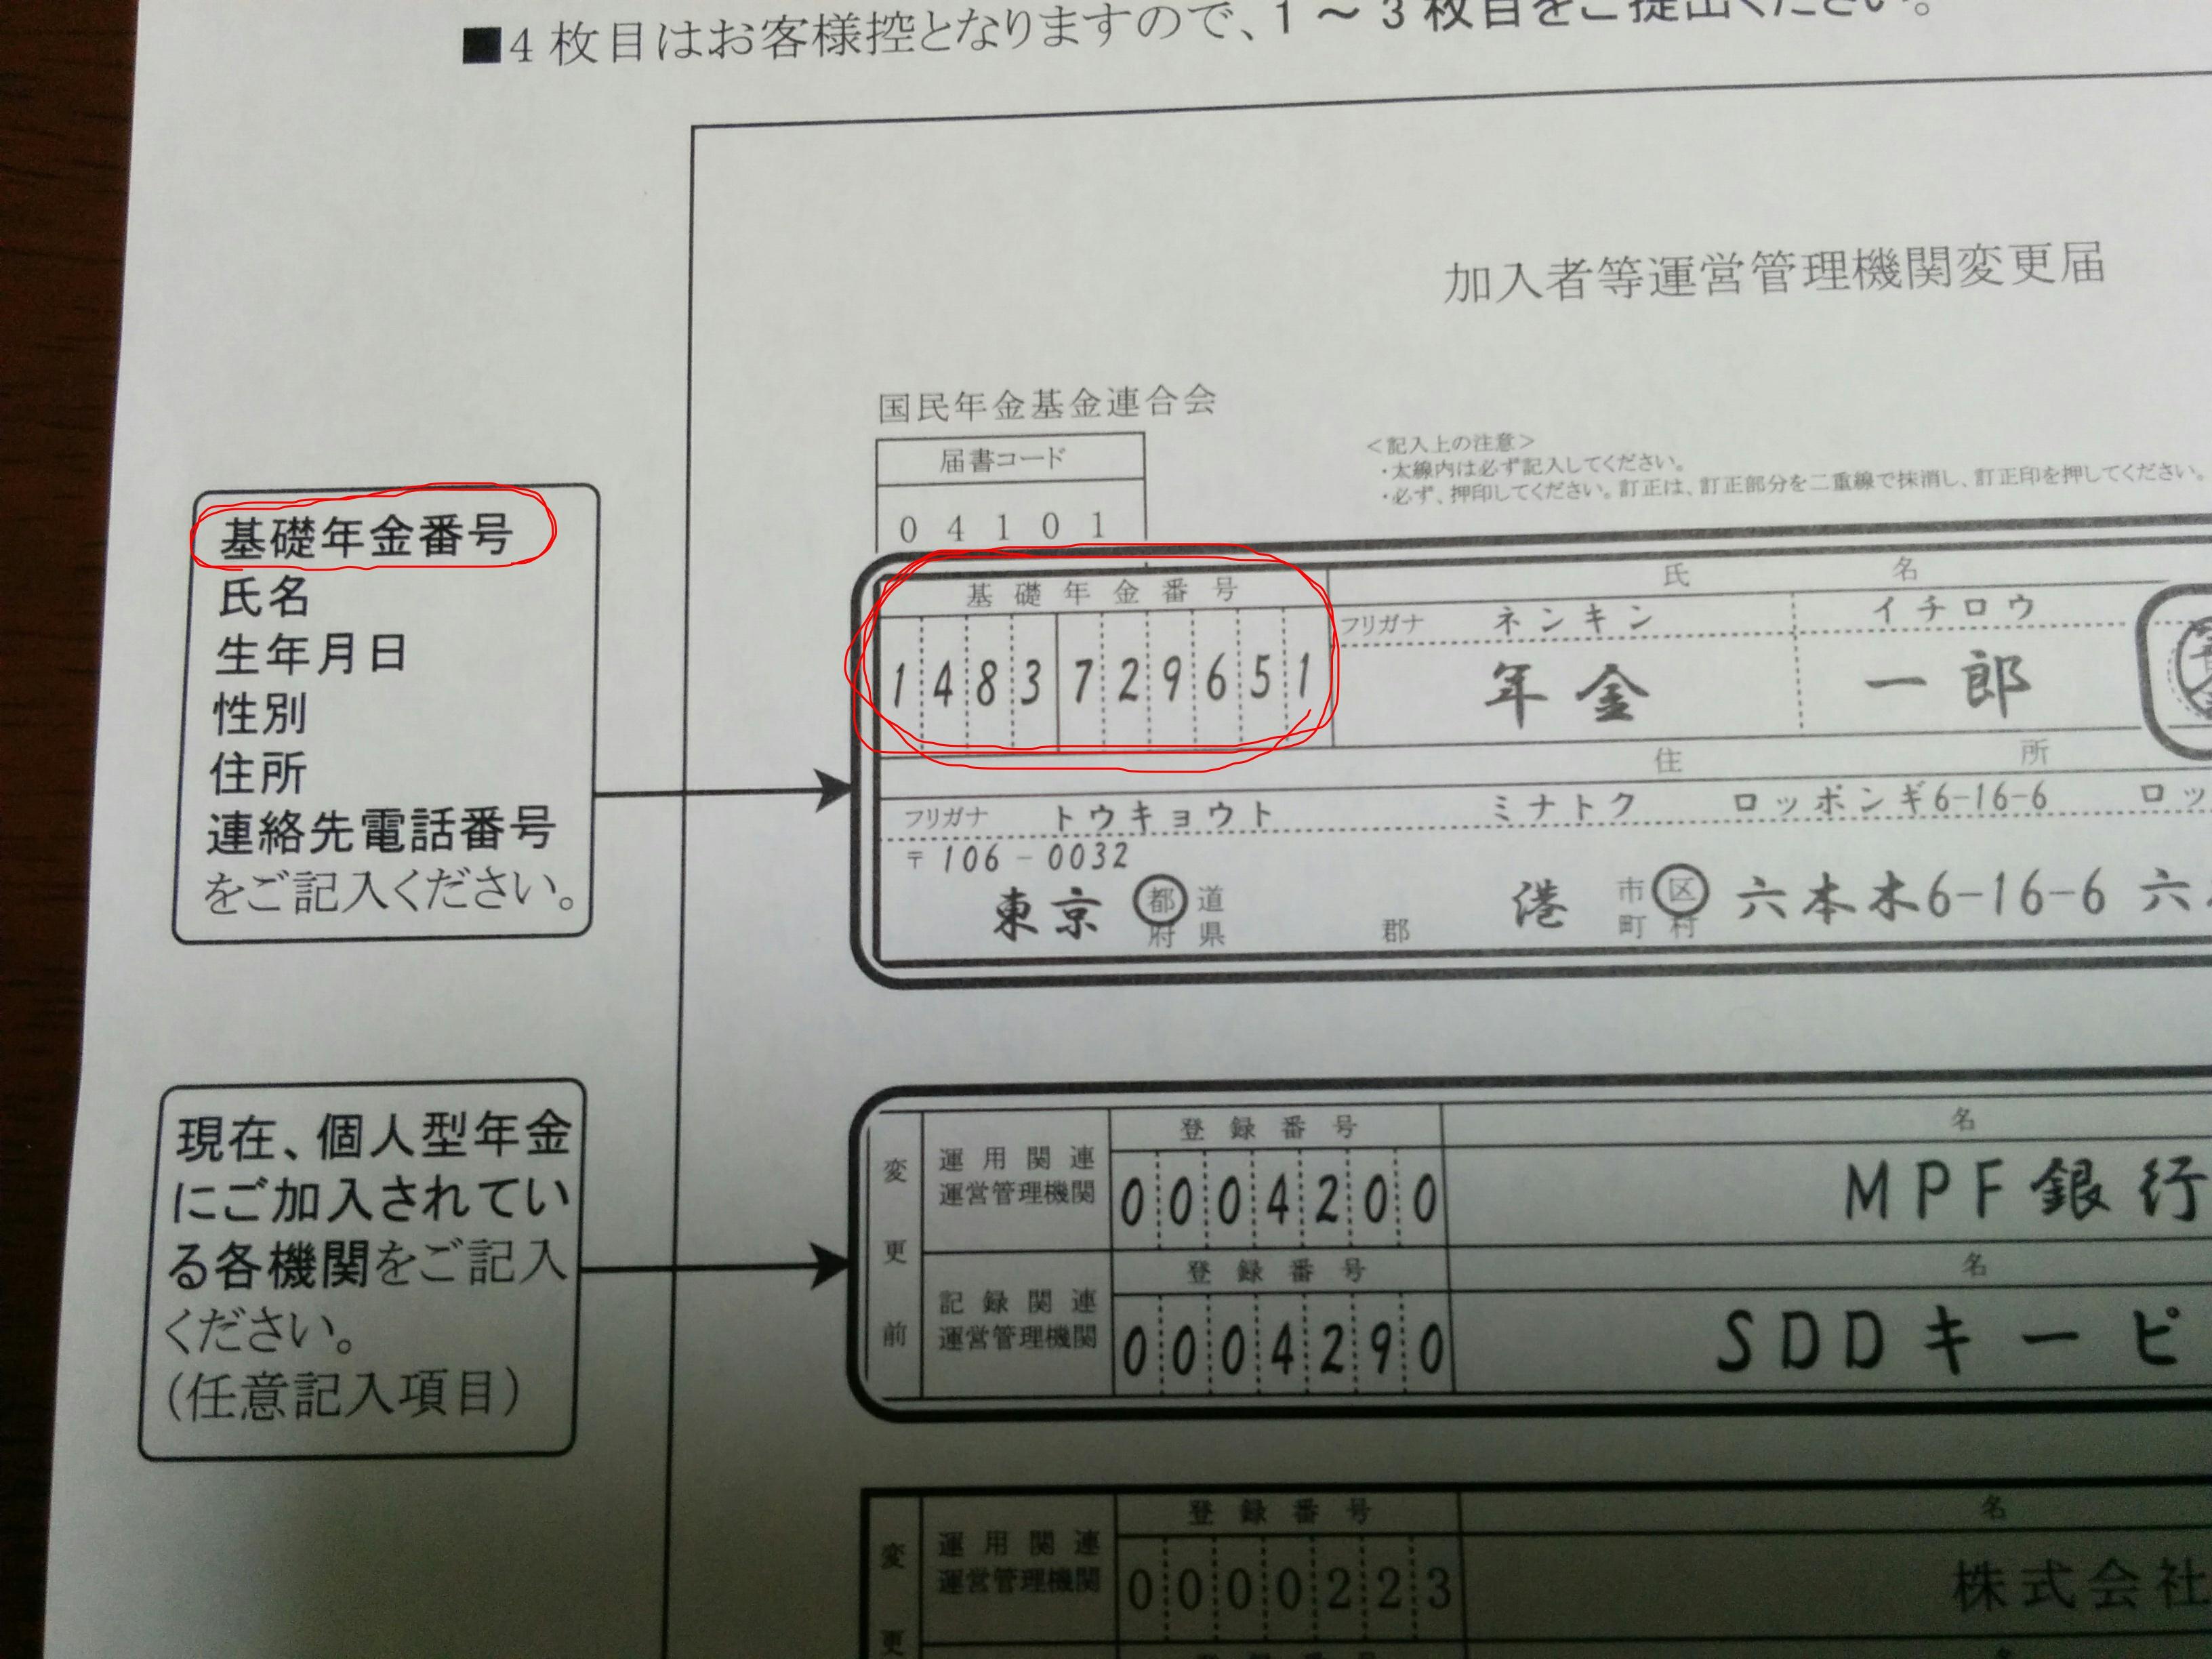 自分の基礎年金番号を調べる方法